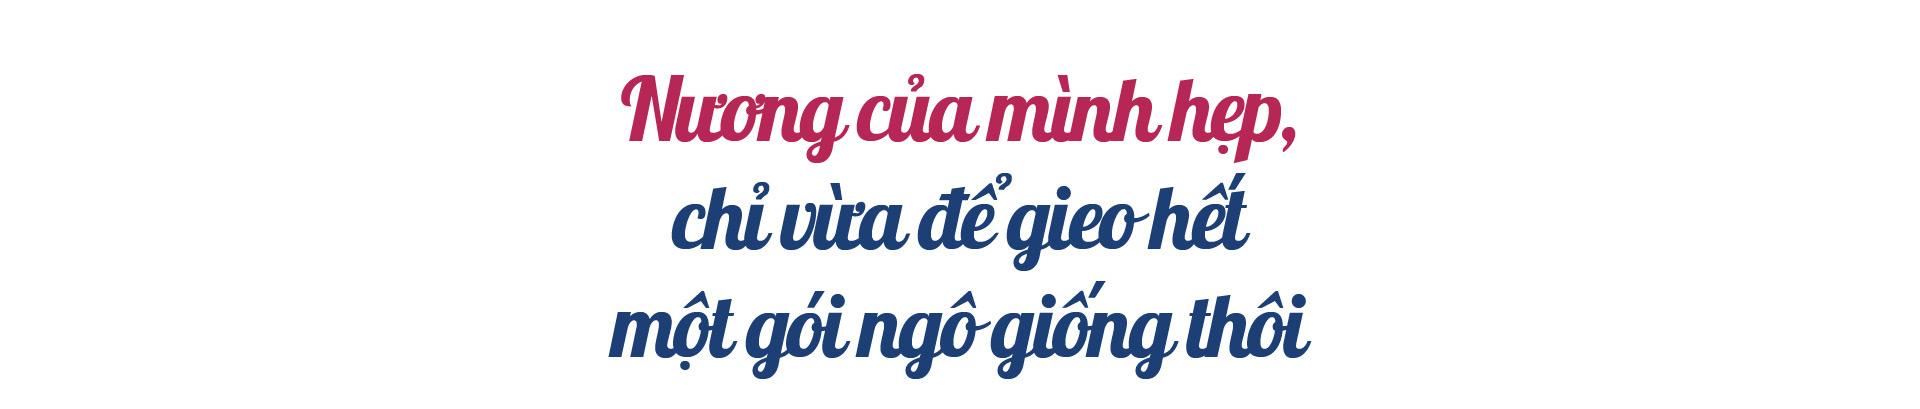 """Dân Việt trò chuyện:Khà A Vấu - vinh danh """"Thiên đường mây"""" trên """"Miền đất lửa"""" - Ảnh 1."""